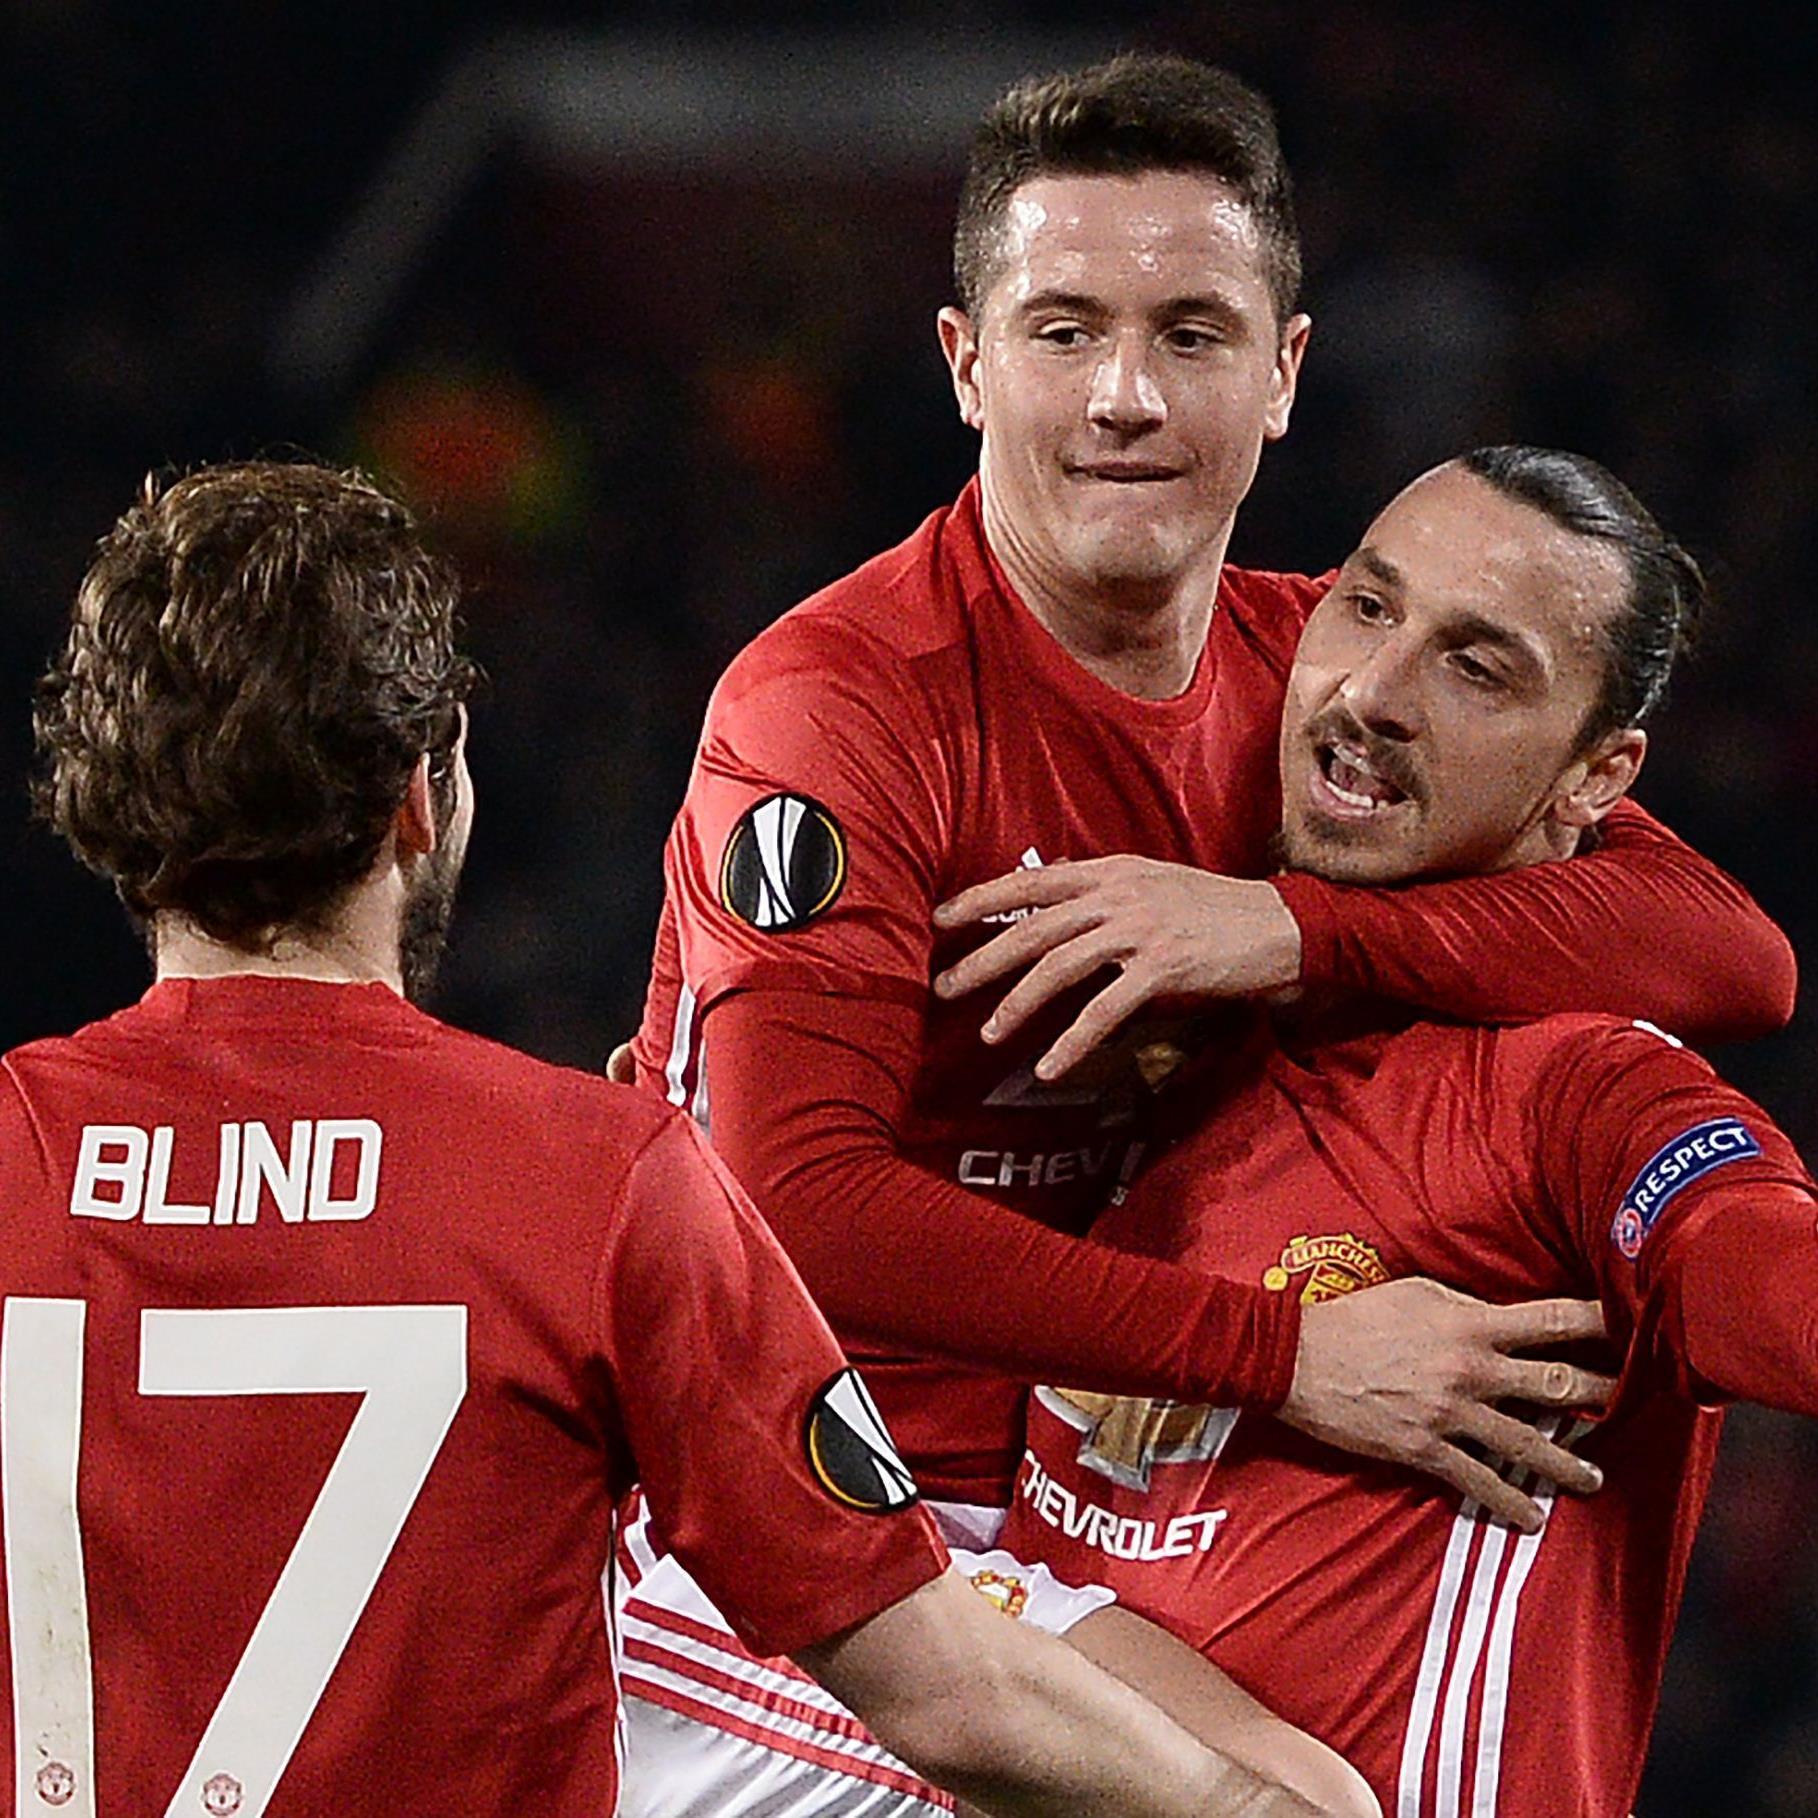 Zlatan Ibrahimovic war mit seinen Treffern der Mann des Spiels.